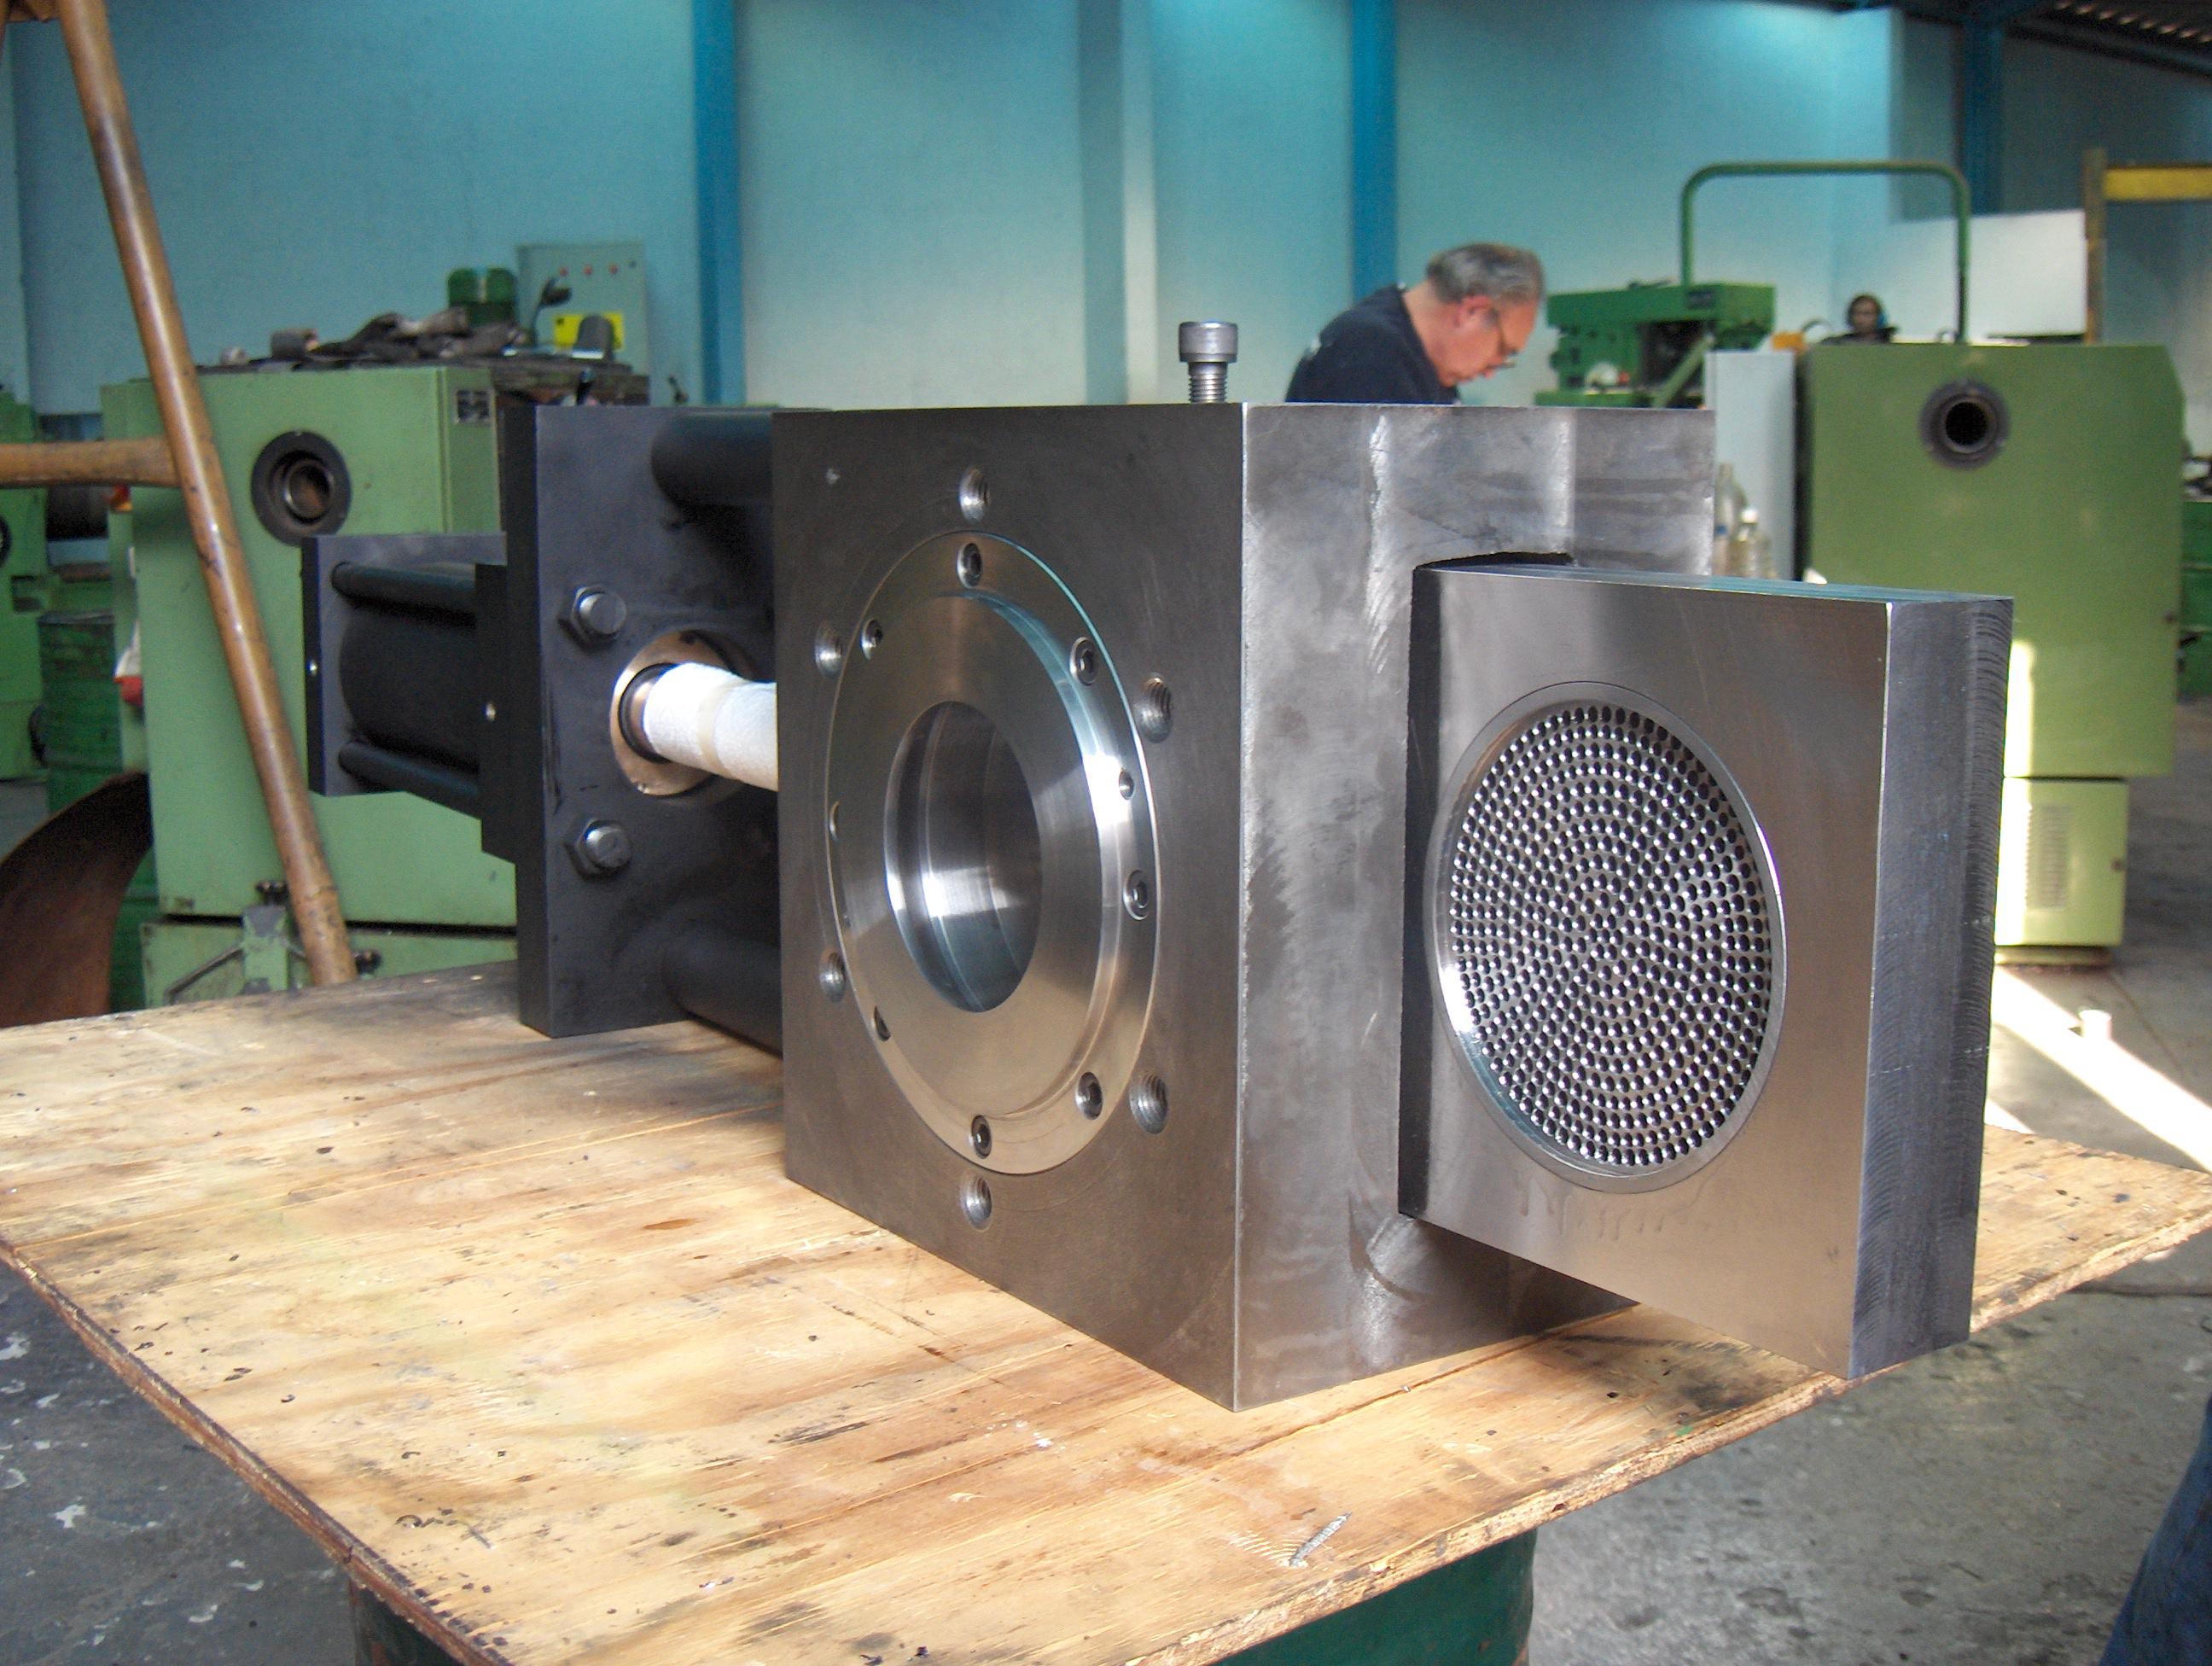 cambiador de filtros hidraulico 006